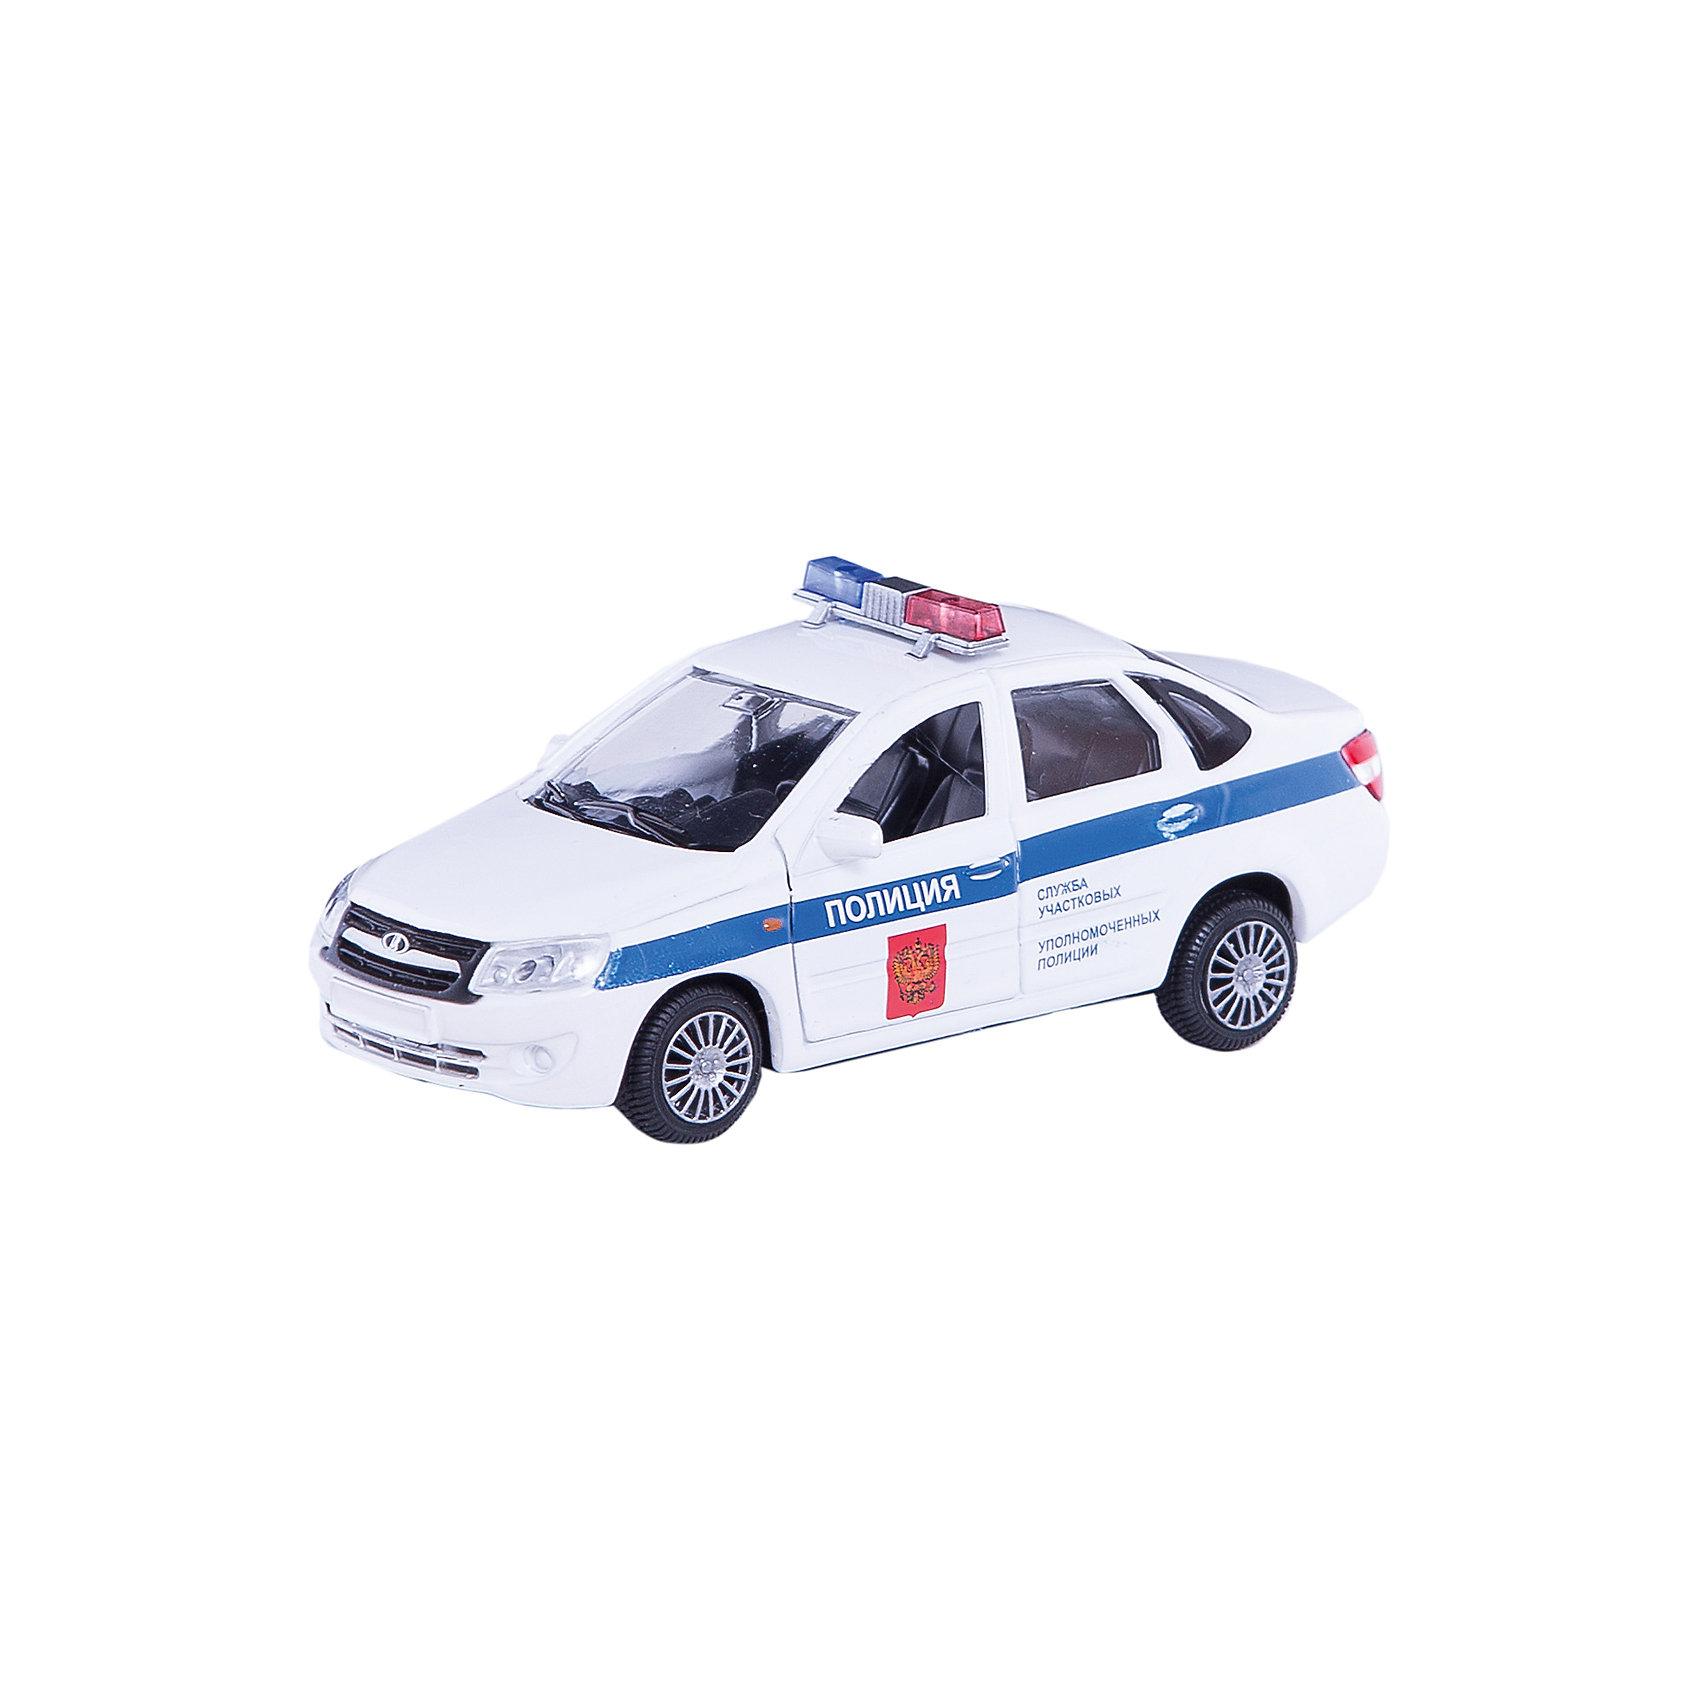 Машинка Lada Granta полиция 1:36, AutotimeМашинки<br>Характеристики товара:<br><br>• цвет: белый<br>• возраст: от 3 лет<br>• материал: металл, пластик<br>• размер: 16,5х7,х5,7 см<br>• вес: 100 г<br>• масштаб: 1:36<br>• колеса вращаются<br>• хорошая детализация<br>• открываются двери<br>• страна бренда: Россия<br>• страна производства: Китай<br><br>Коллекционная машинка LADA GRANTA полиция от бренда AUTOTIME станет отличным подарком для мальчика. Подробная детализация машинки порадует увлеченного коллекционера, а открывающиеся двери и свободно вращающиеся колеса придутся по душе юному владельцу игрушечного гаража. Эта игрушка подарит восторг и радость вашему ребенку. <br>Игрушка также воздействует на наглядно-образное мышление, логическое мышление, развивает мелкую моторику. Изделие выполнено из сертифицированных материалов, безопасных для детей.<br><br>Машинку «Lada Granta» полиция от бренда AUTOTIME можно купить в нашем интернет-магазине.<br><br>Ширина мм: 165<br>Глубина мм: 57<br>Высота мм: 75<br>Вес г: 13<br>Возраст от месяцев: 36<br>Возраст до месяцев: 2147483647<br>Пол: Мужской<br>Возраст: Детский<br>SKU: 5583886